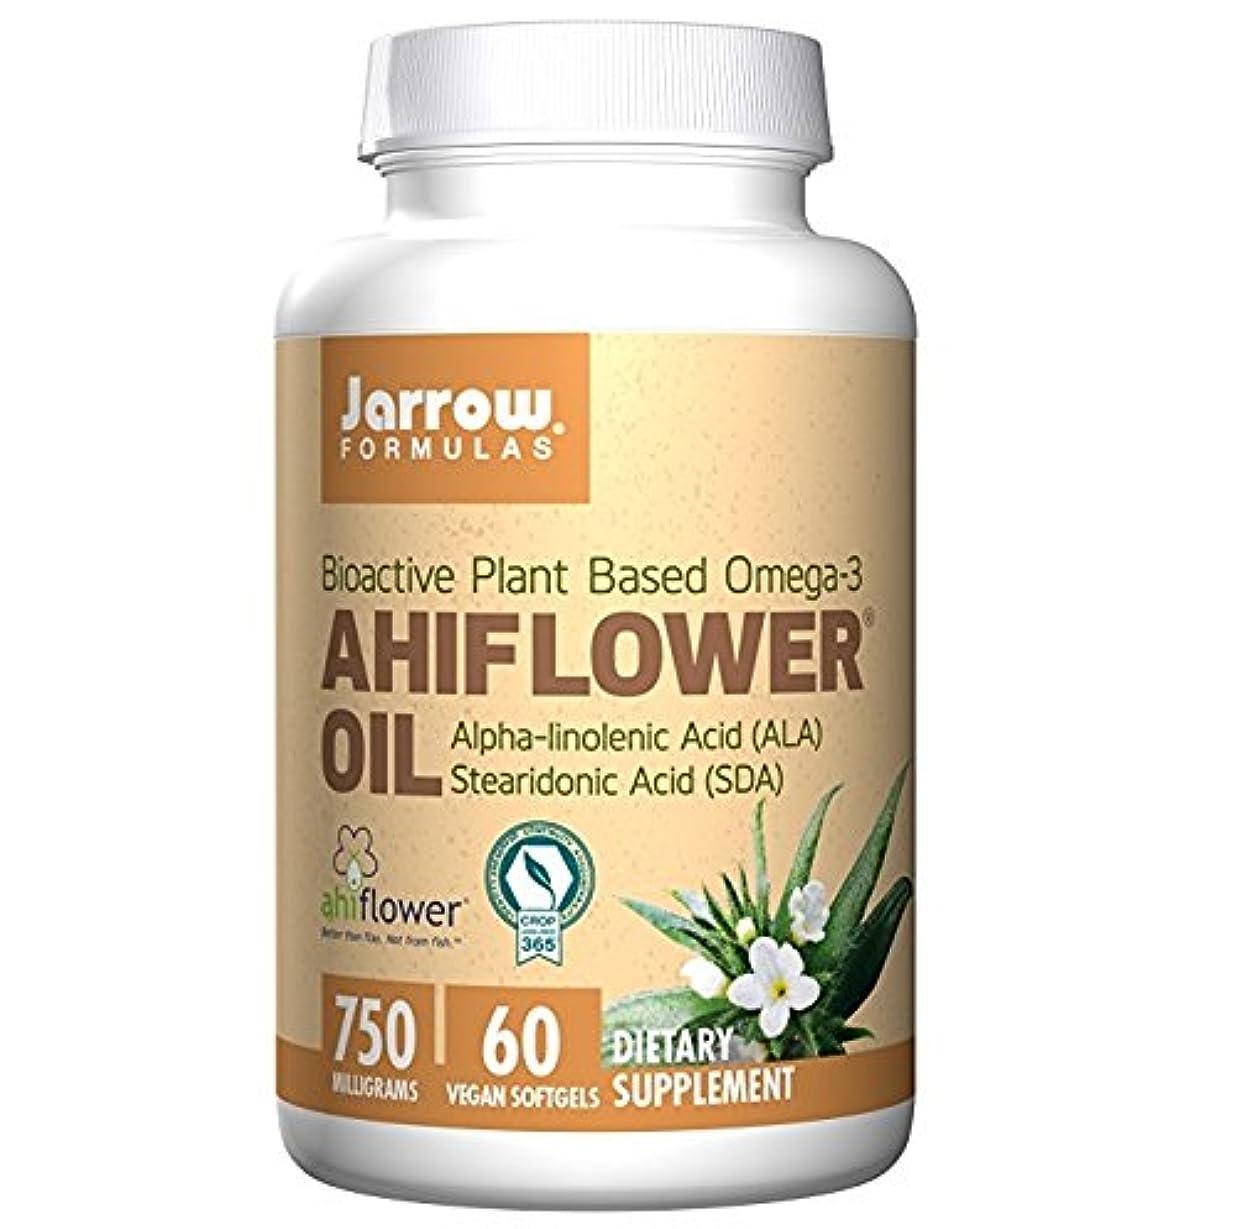 拮抗する狼ケーブル【海外直送品】Jarrow Formulas - Ahiflower Oil - 60ソフトジェル アヒフラワー